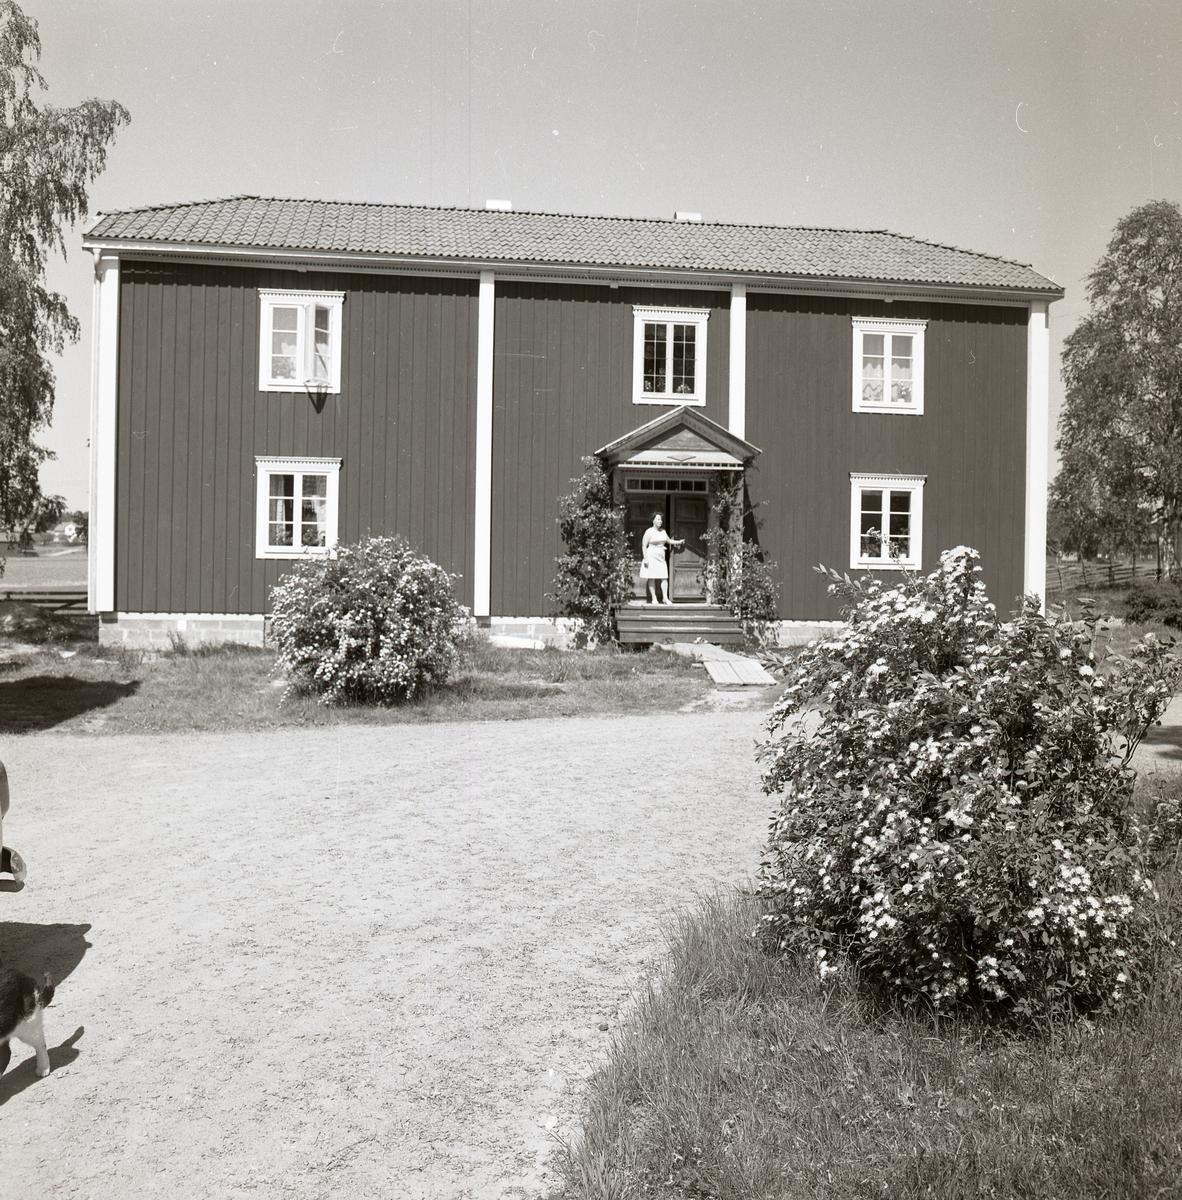 Bostadshuset på gården Sunnanåker under sommaren 1969. En kvinna står på förstukvisten.